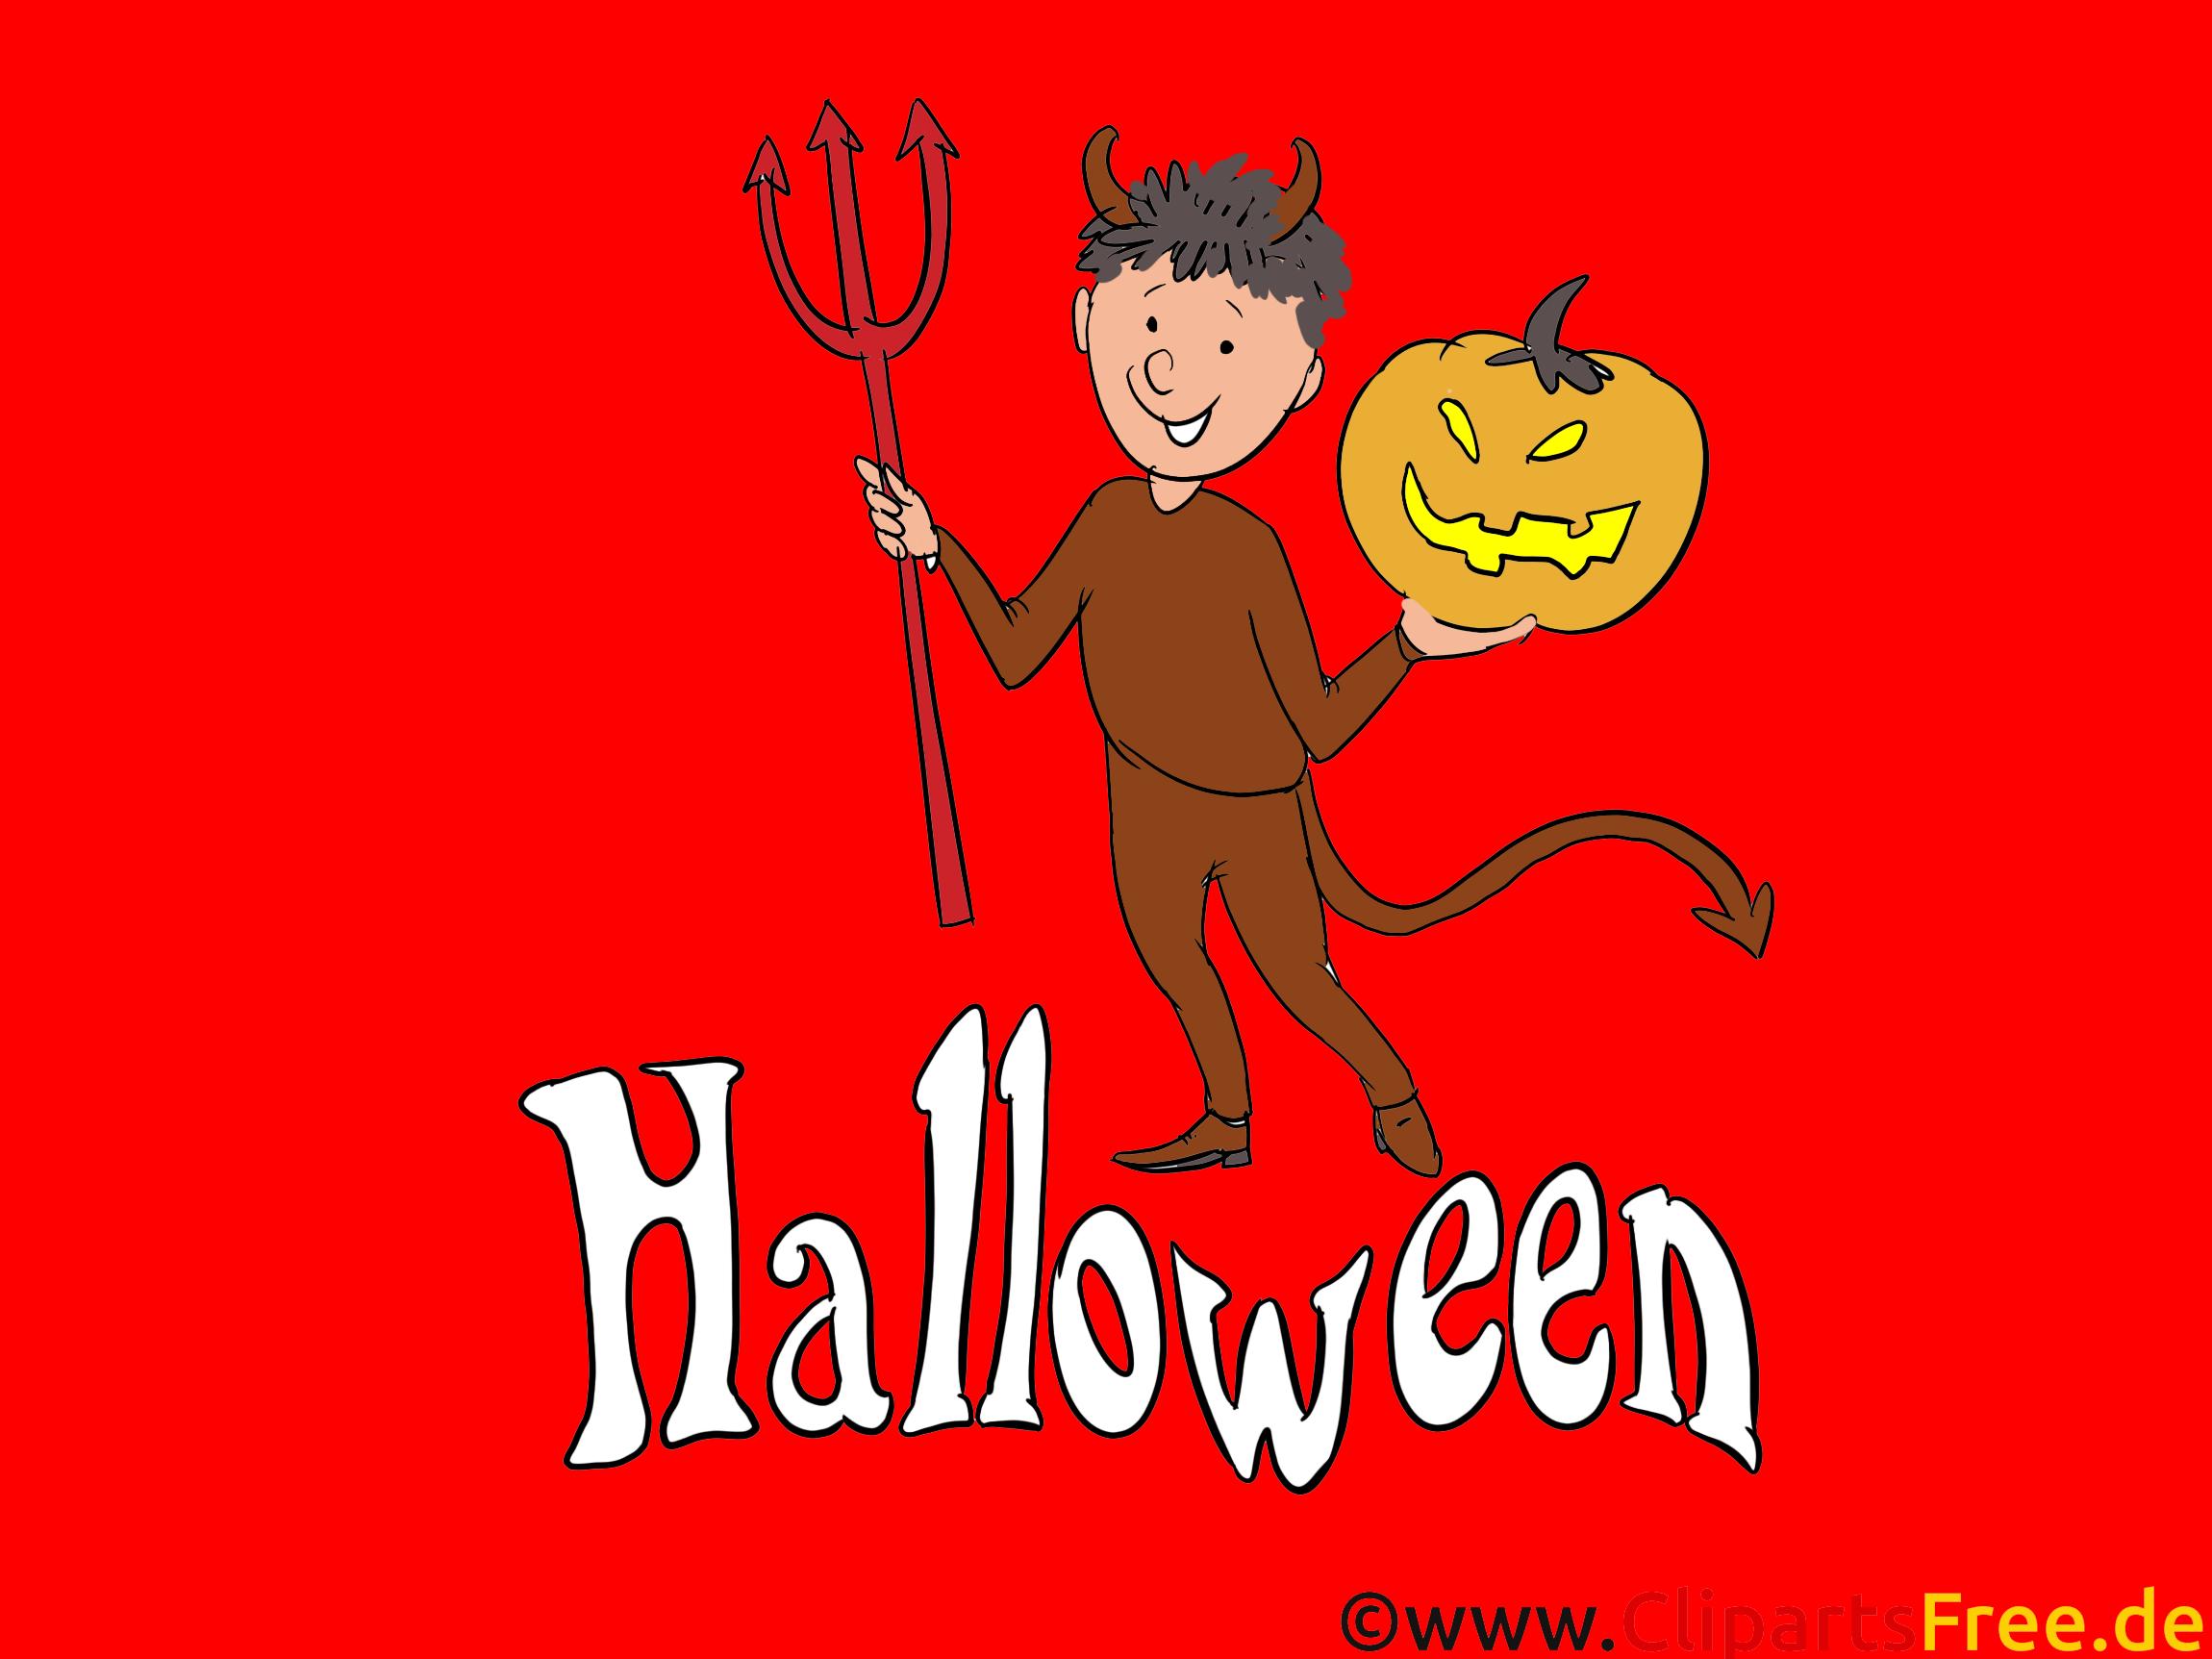 Halloween Einladungskarten selbst gestalten mit unseren Illustrationen, Vorlagen, Bildern, Cliparts